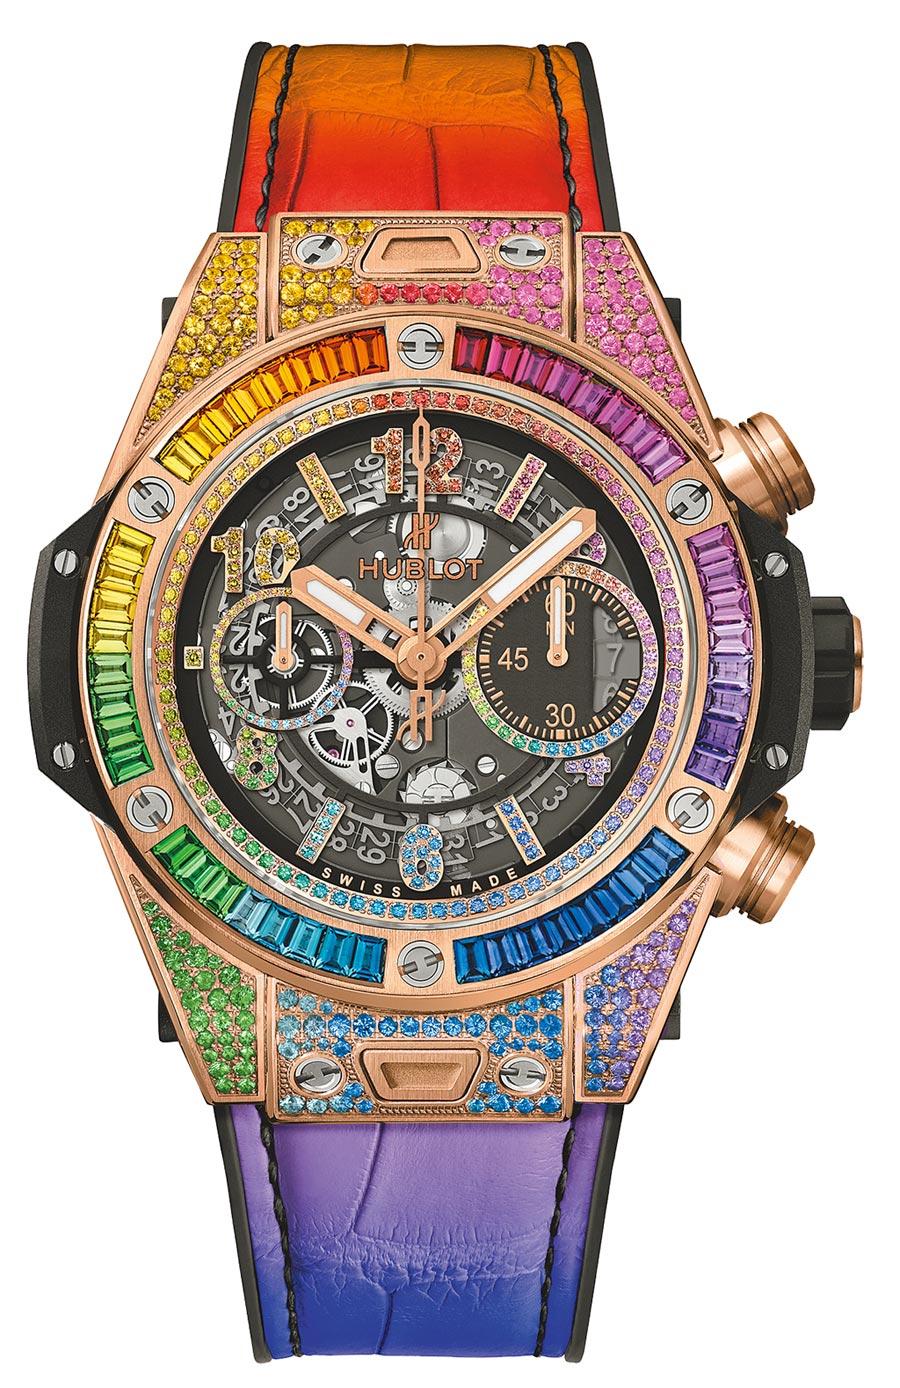 宇舶表超奢版Big Bang Unico彩虹寶石計時碼表,284萬5000元。(HUBLOT提供)